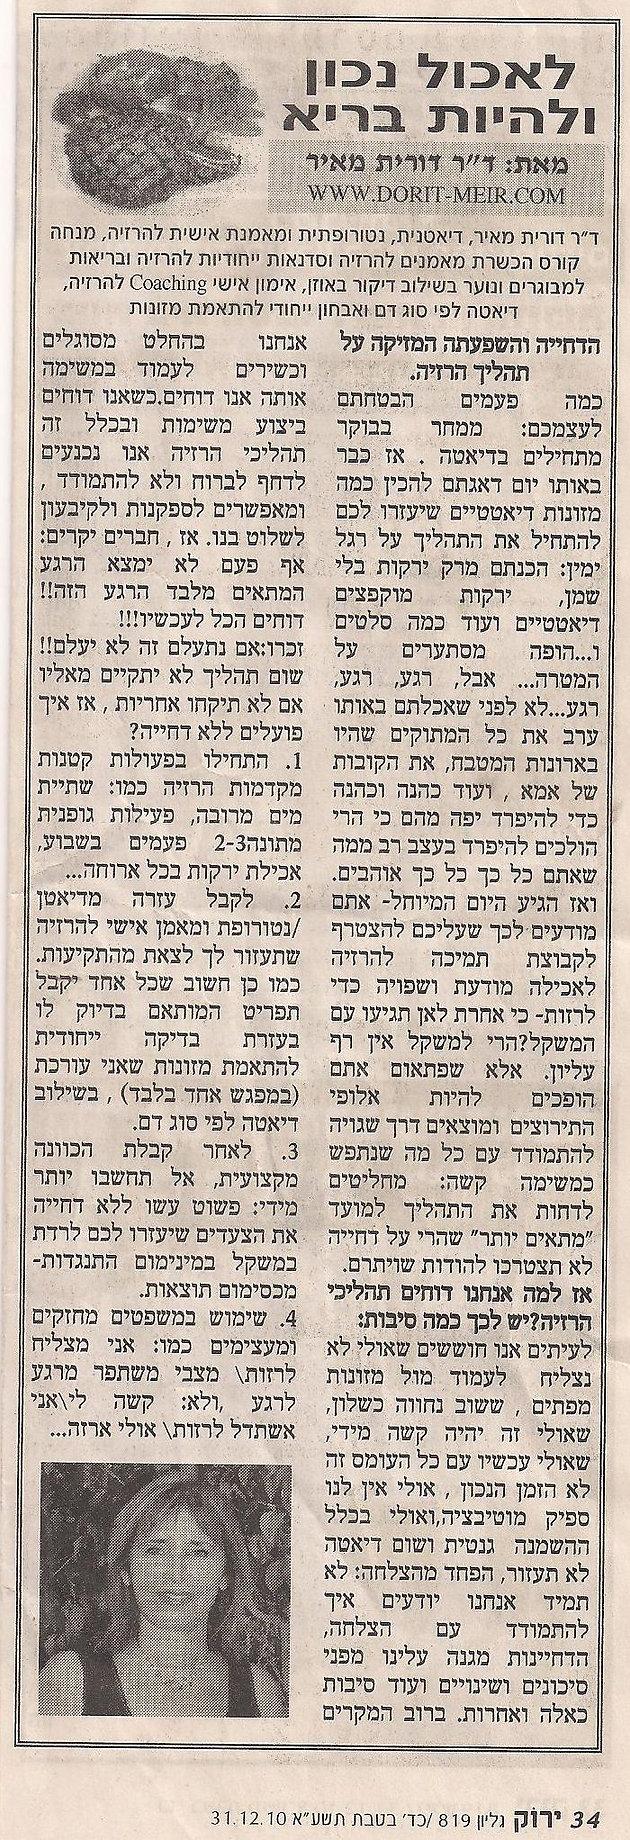 תהליך הרזיה כתבה בעיתון